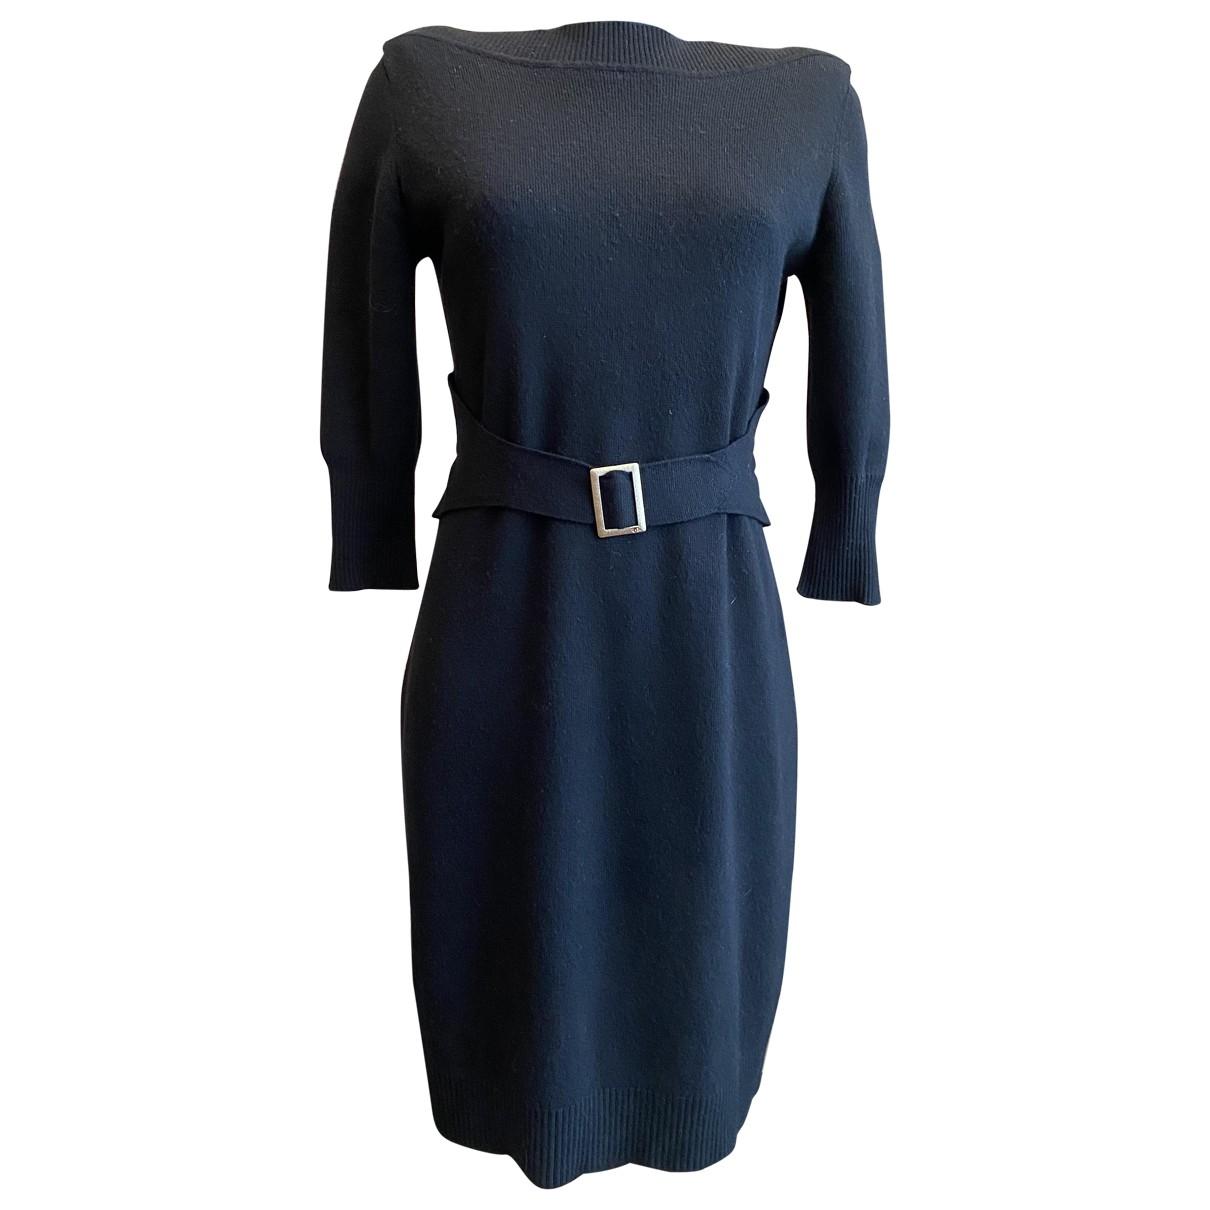 Chanel \N Black Wool dress for Women 38 FR